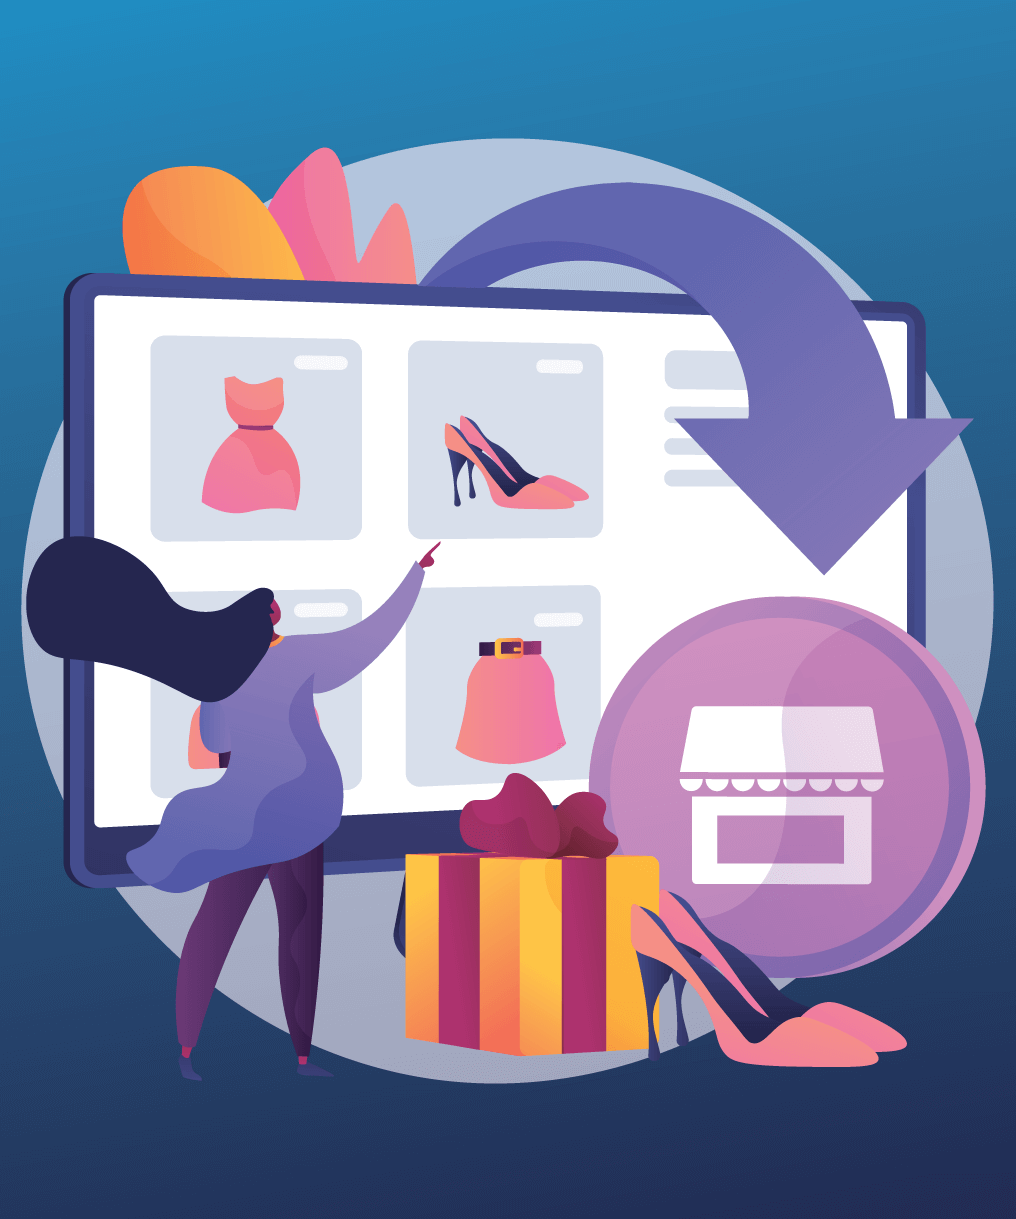 E-commerce, shopping websites, websites development, wordpress websites, Search Engine Optimisation, digital marketing, google ads, facebook and instagram ads